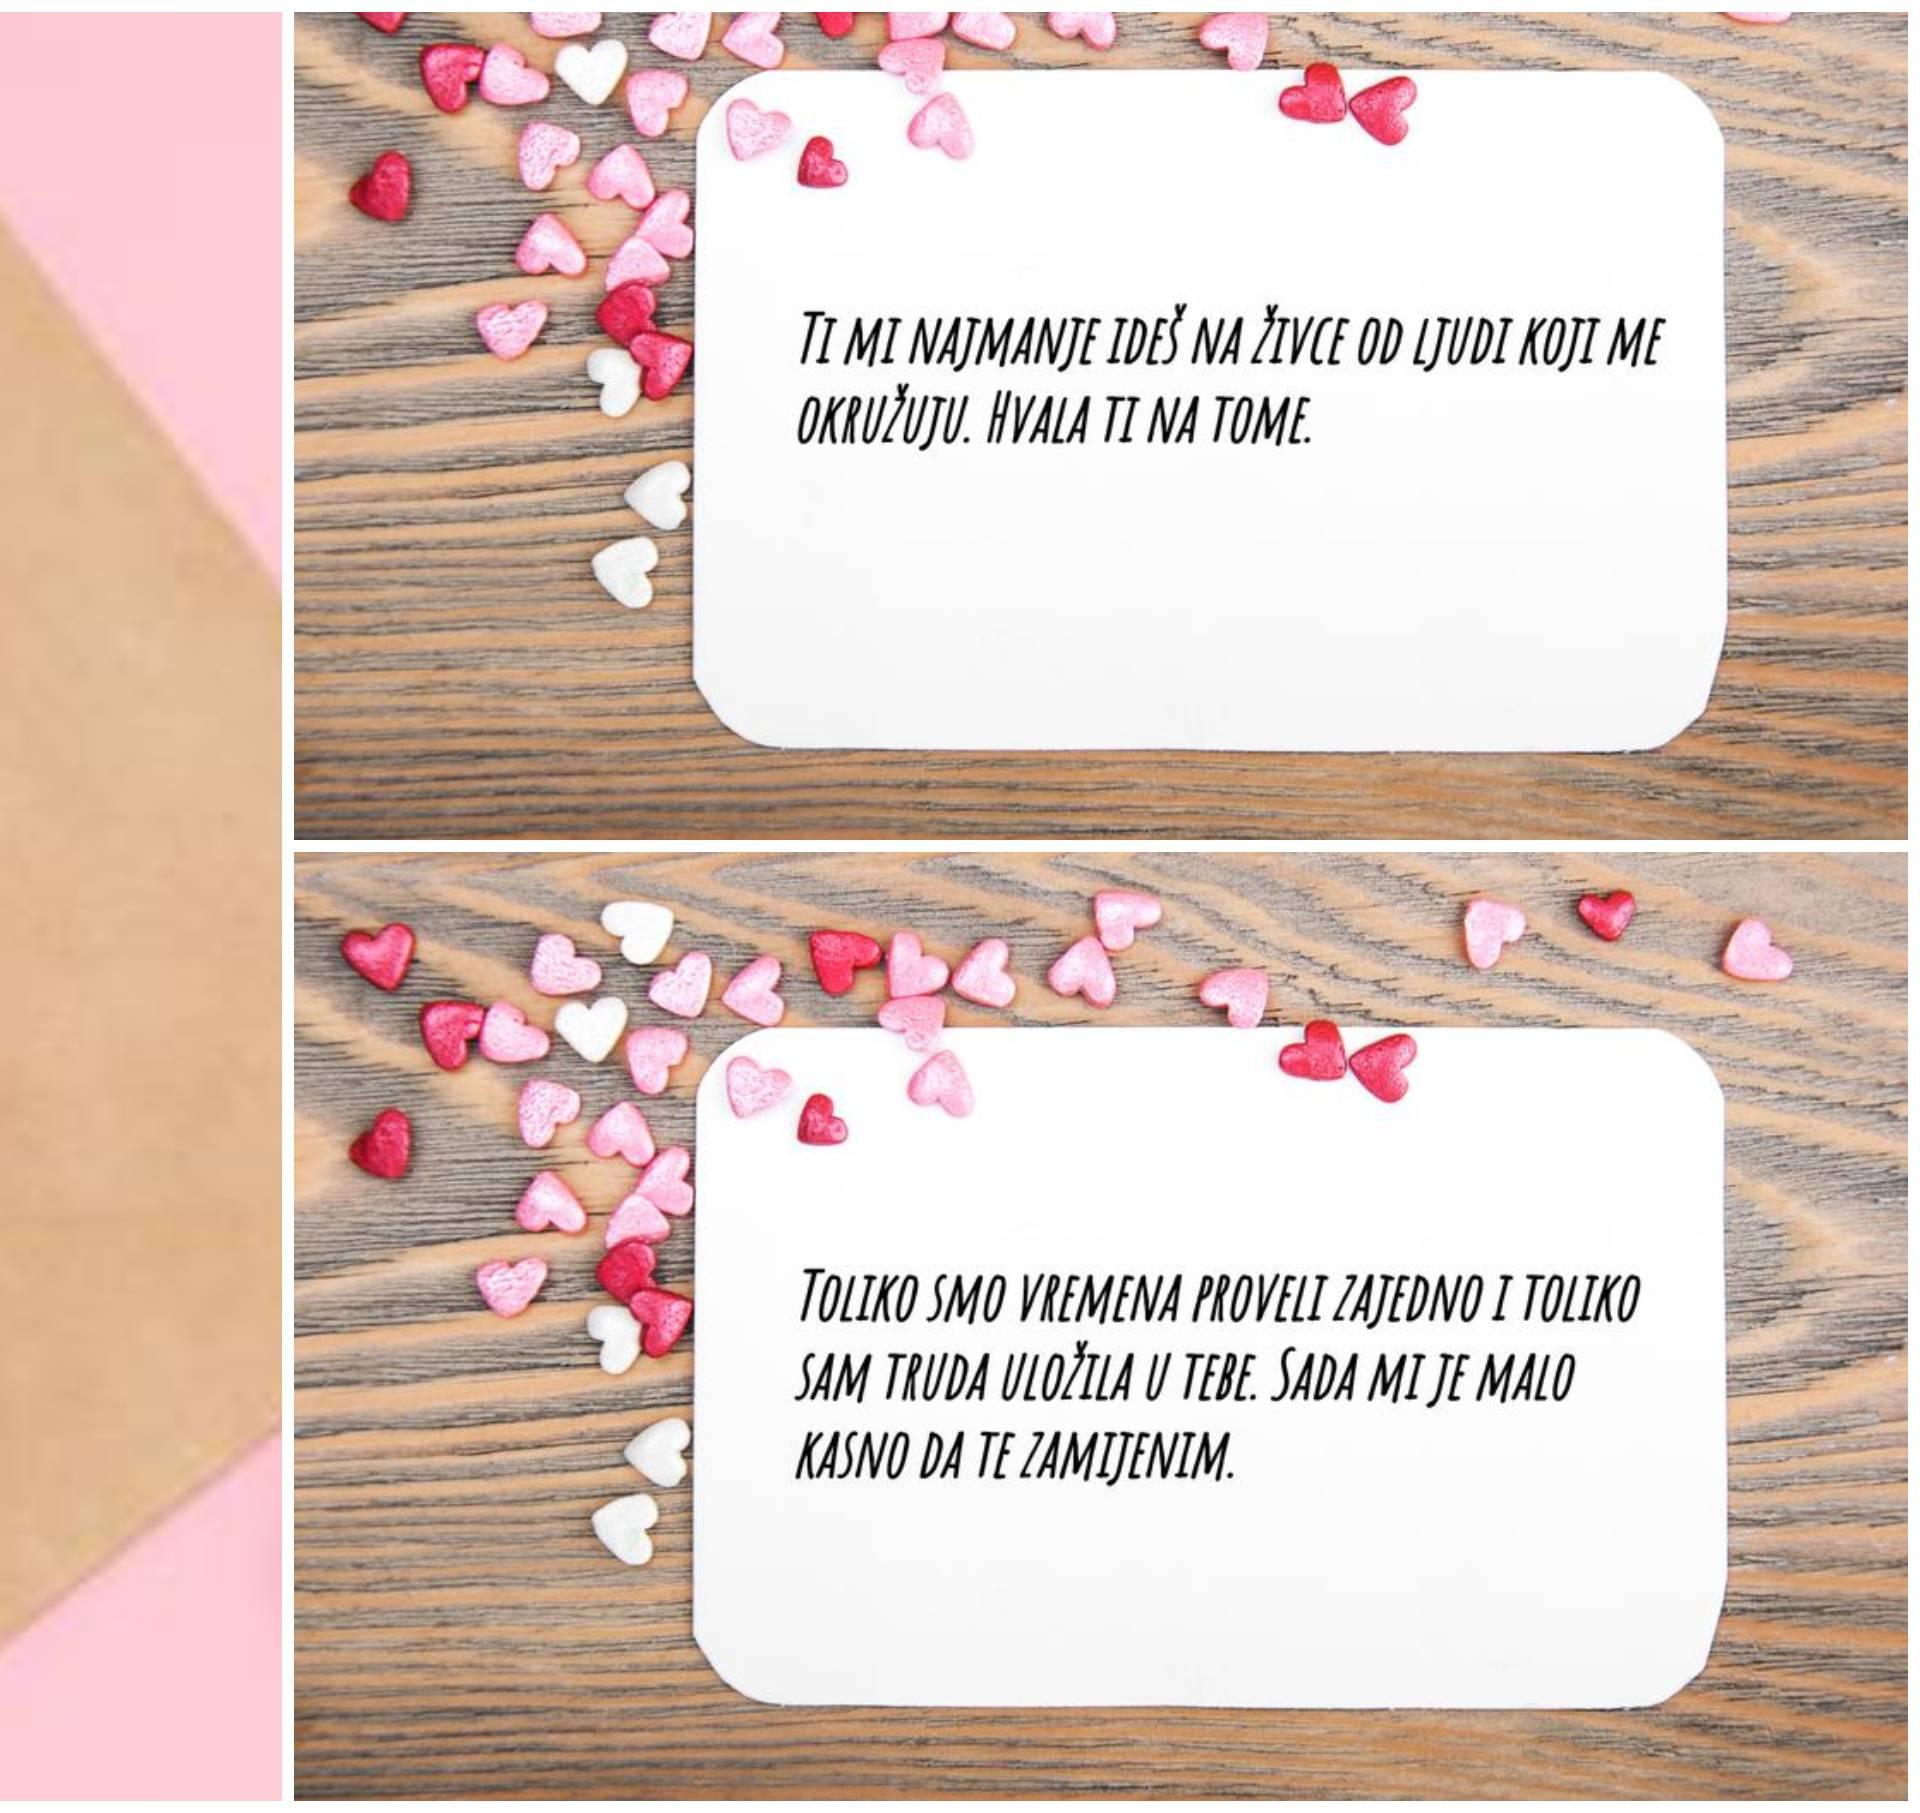 Drukčije Valentinovo: Nema te koju bih radije živcirao od tebe